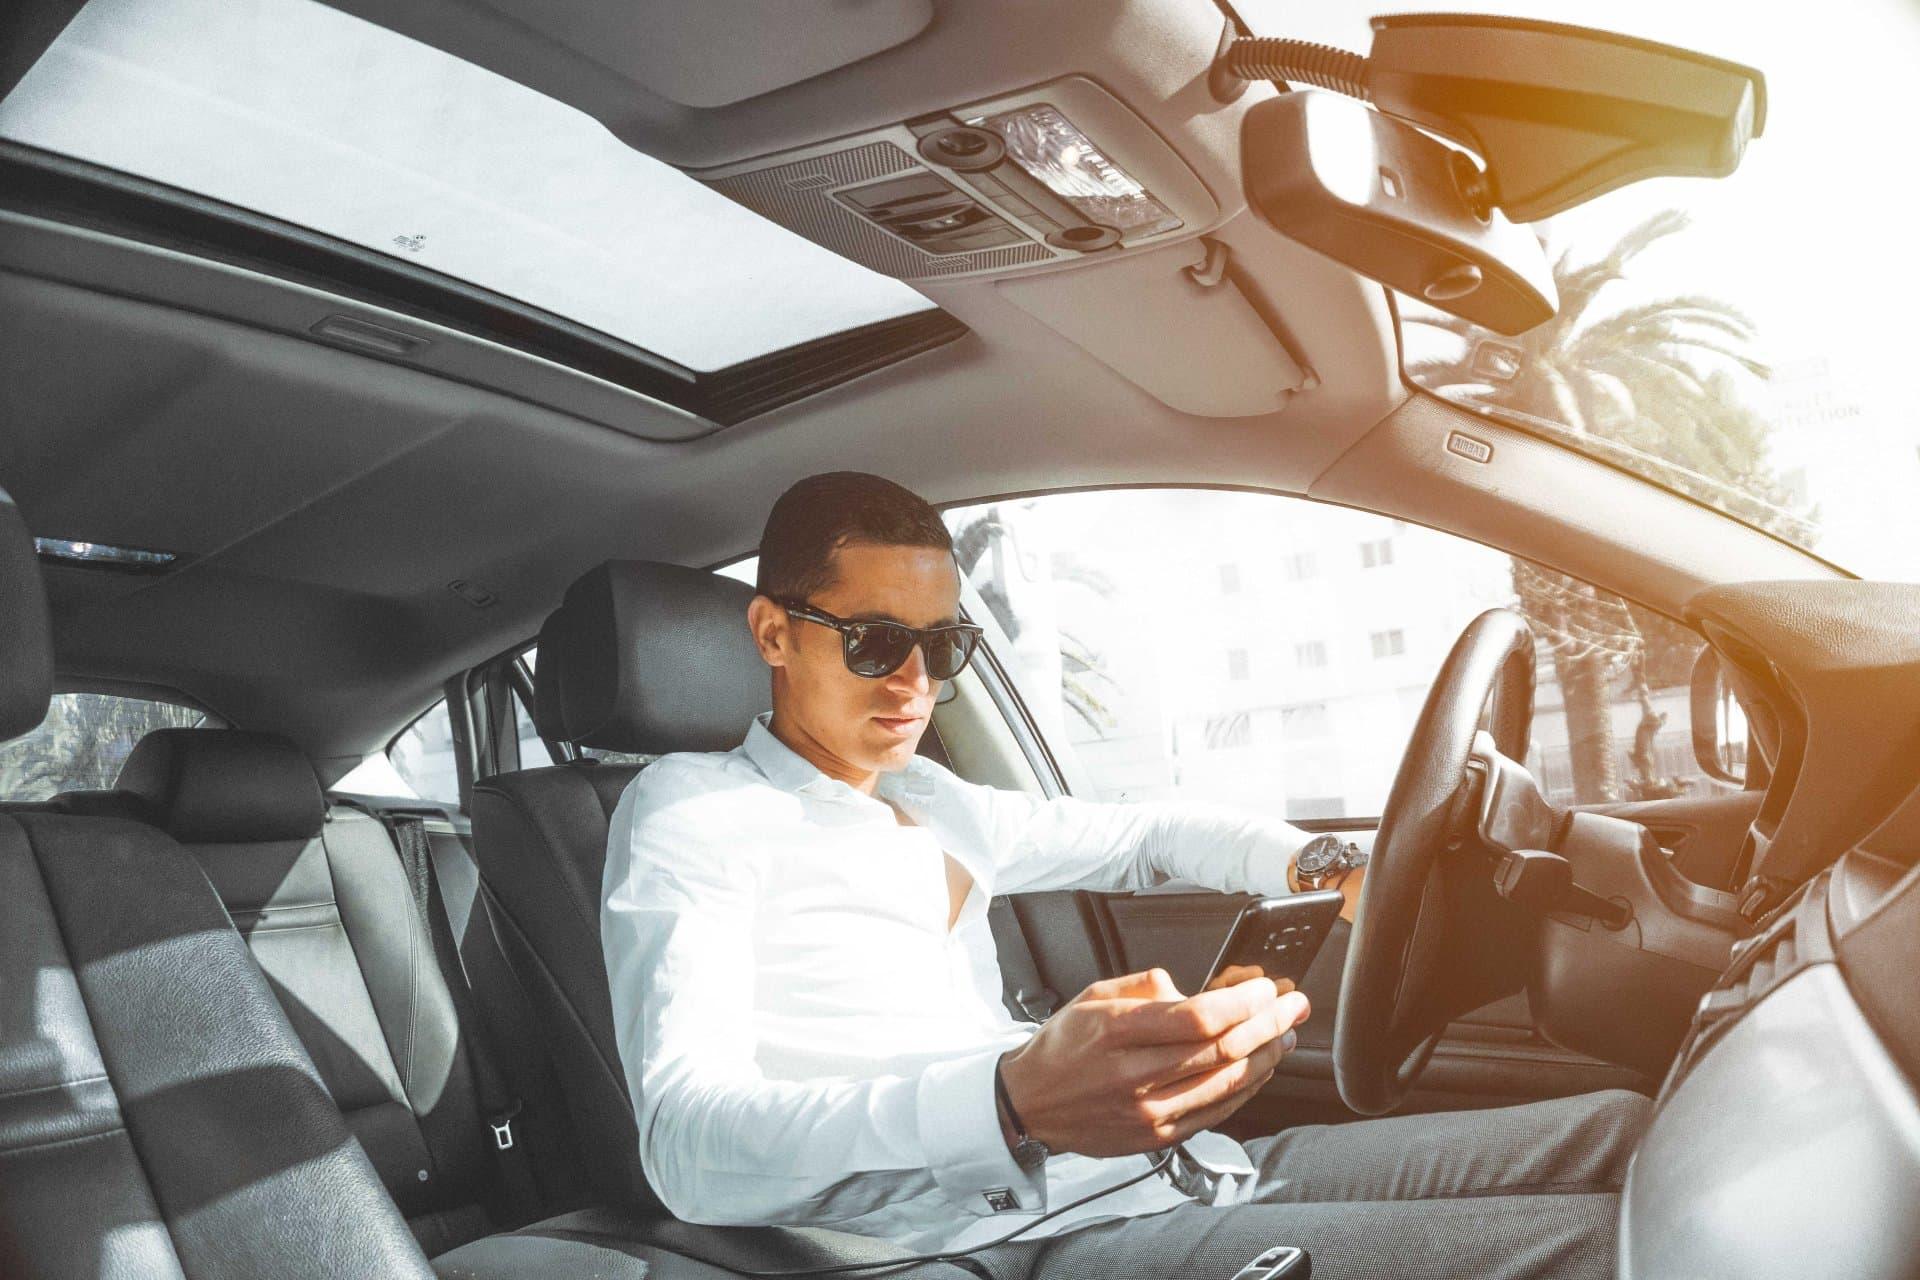 Operacion Salida Segunda Fase Verano 2020 Dgt Conducir Movil